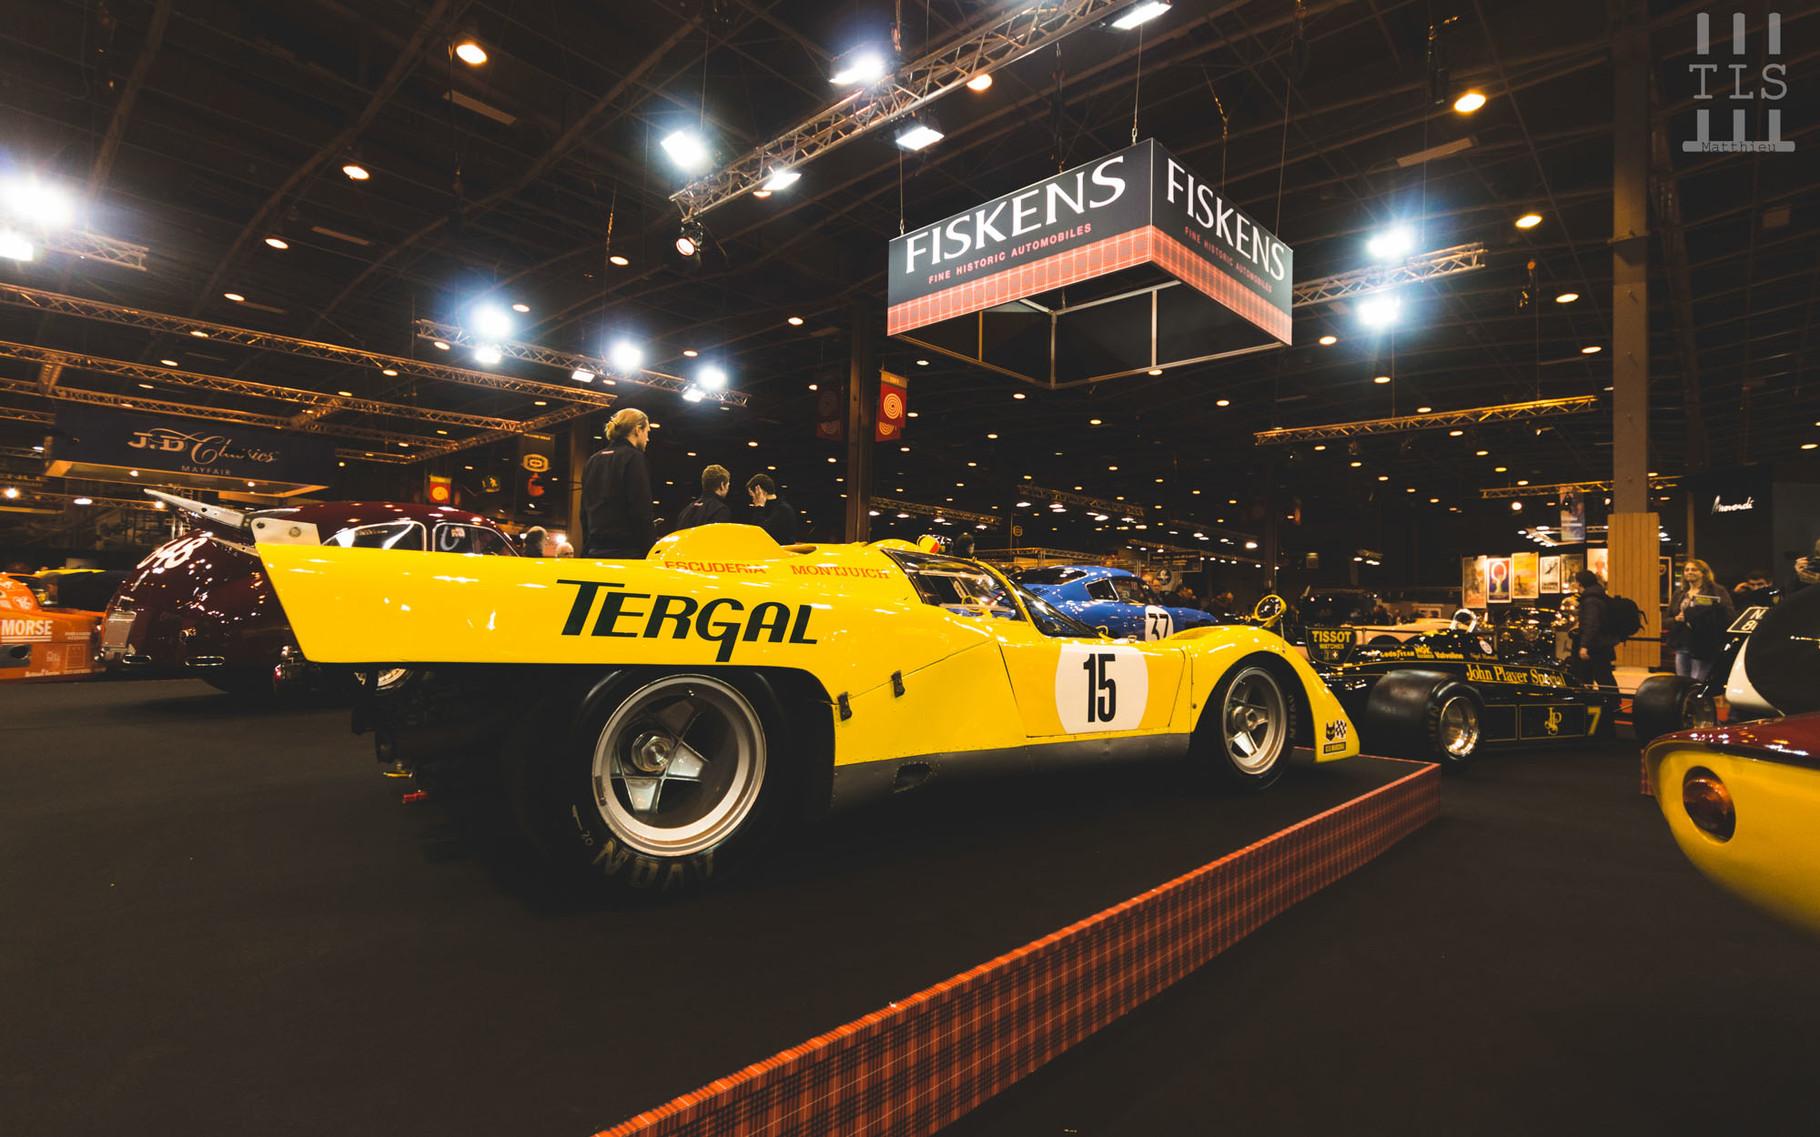 La Ferrari 512M châssis 1002 se trouve en vente chez Fiskens cette année. Quel niveau ici !